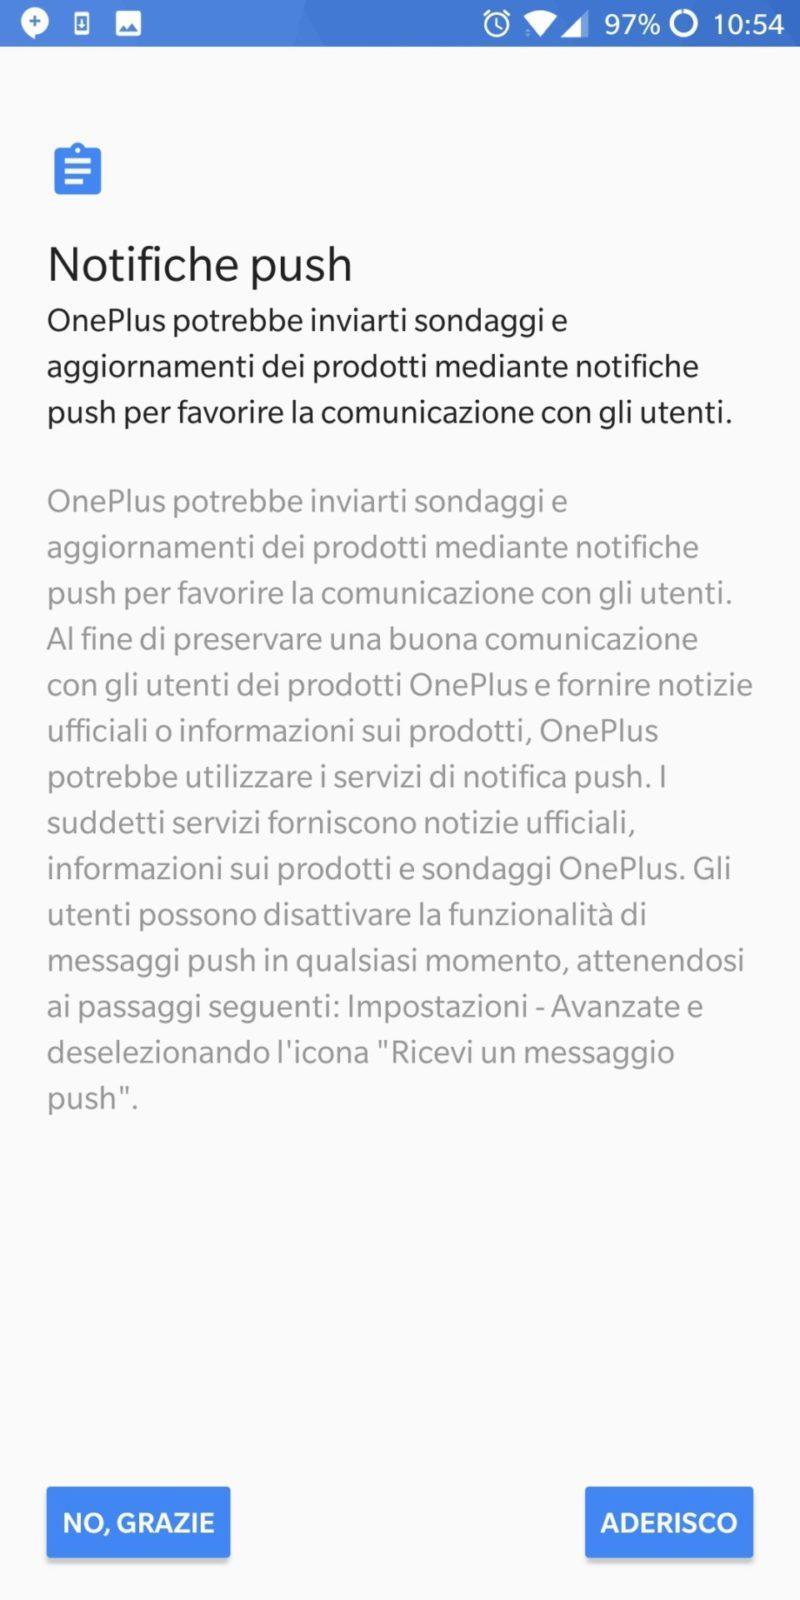 OnePlus si adegua alla normativa GPRD | Evosmart.it